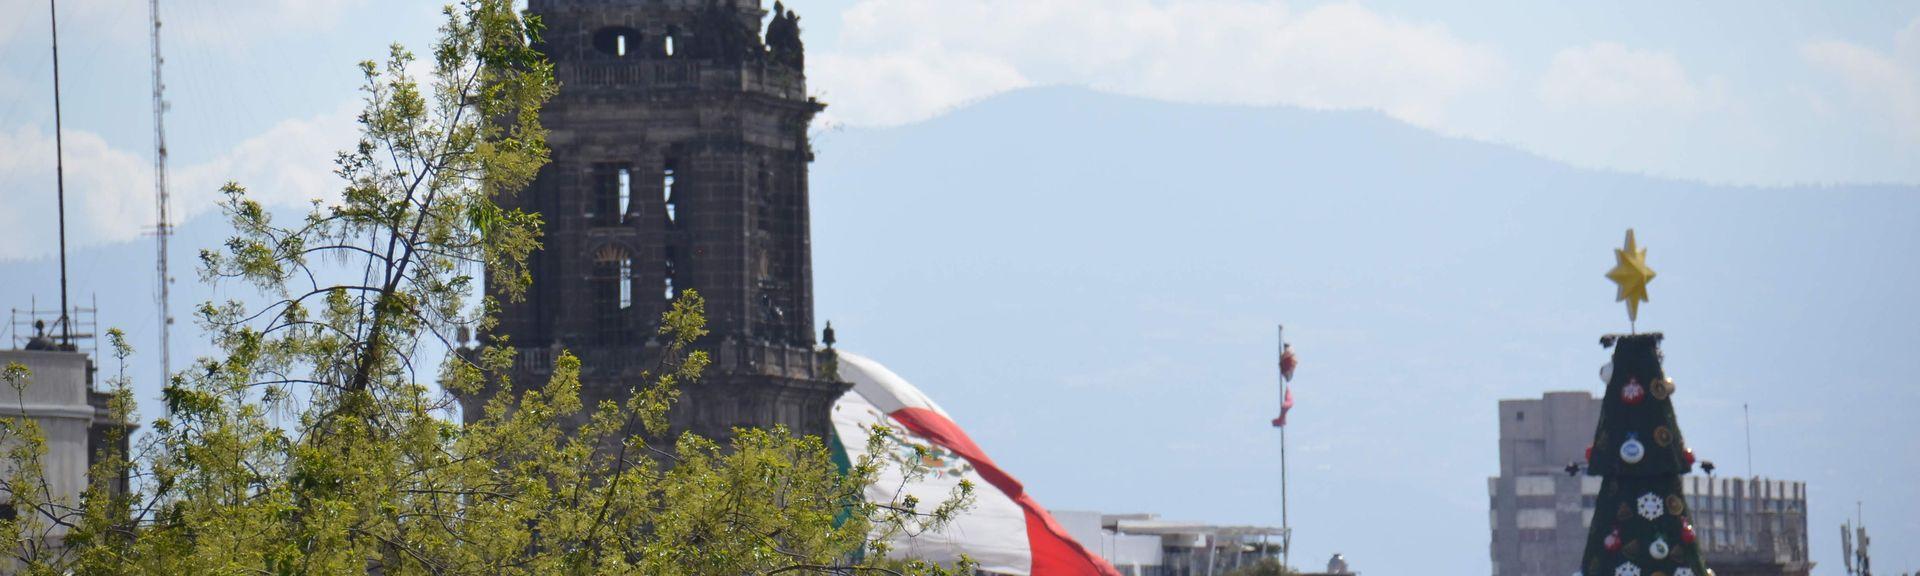 Centro Histórico, México, D.F., Mexico